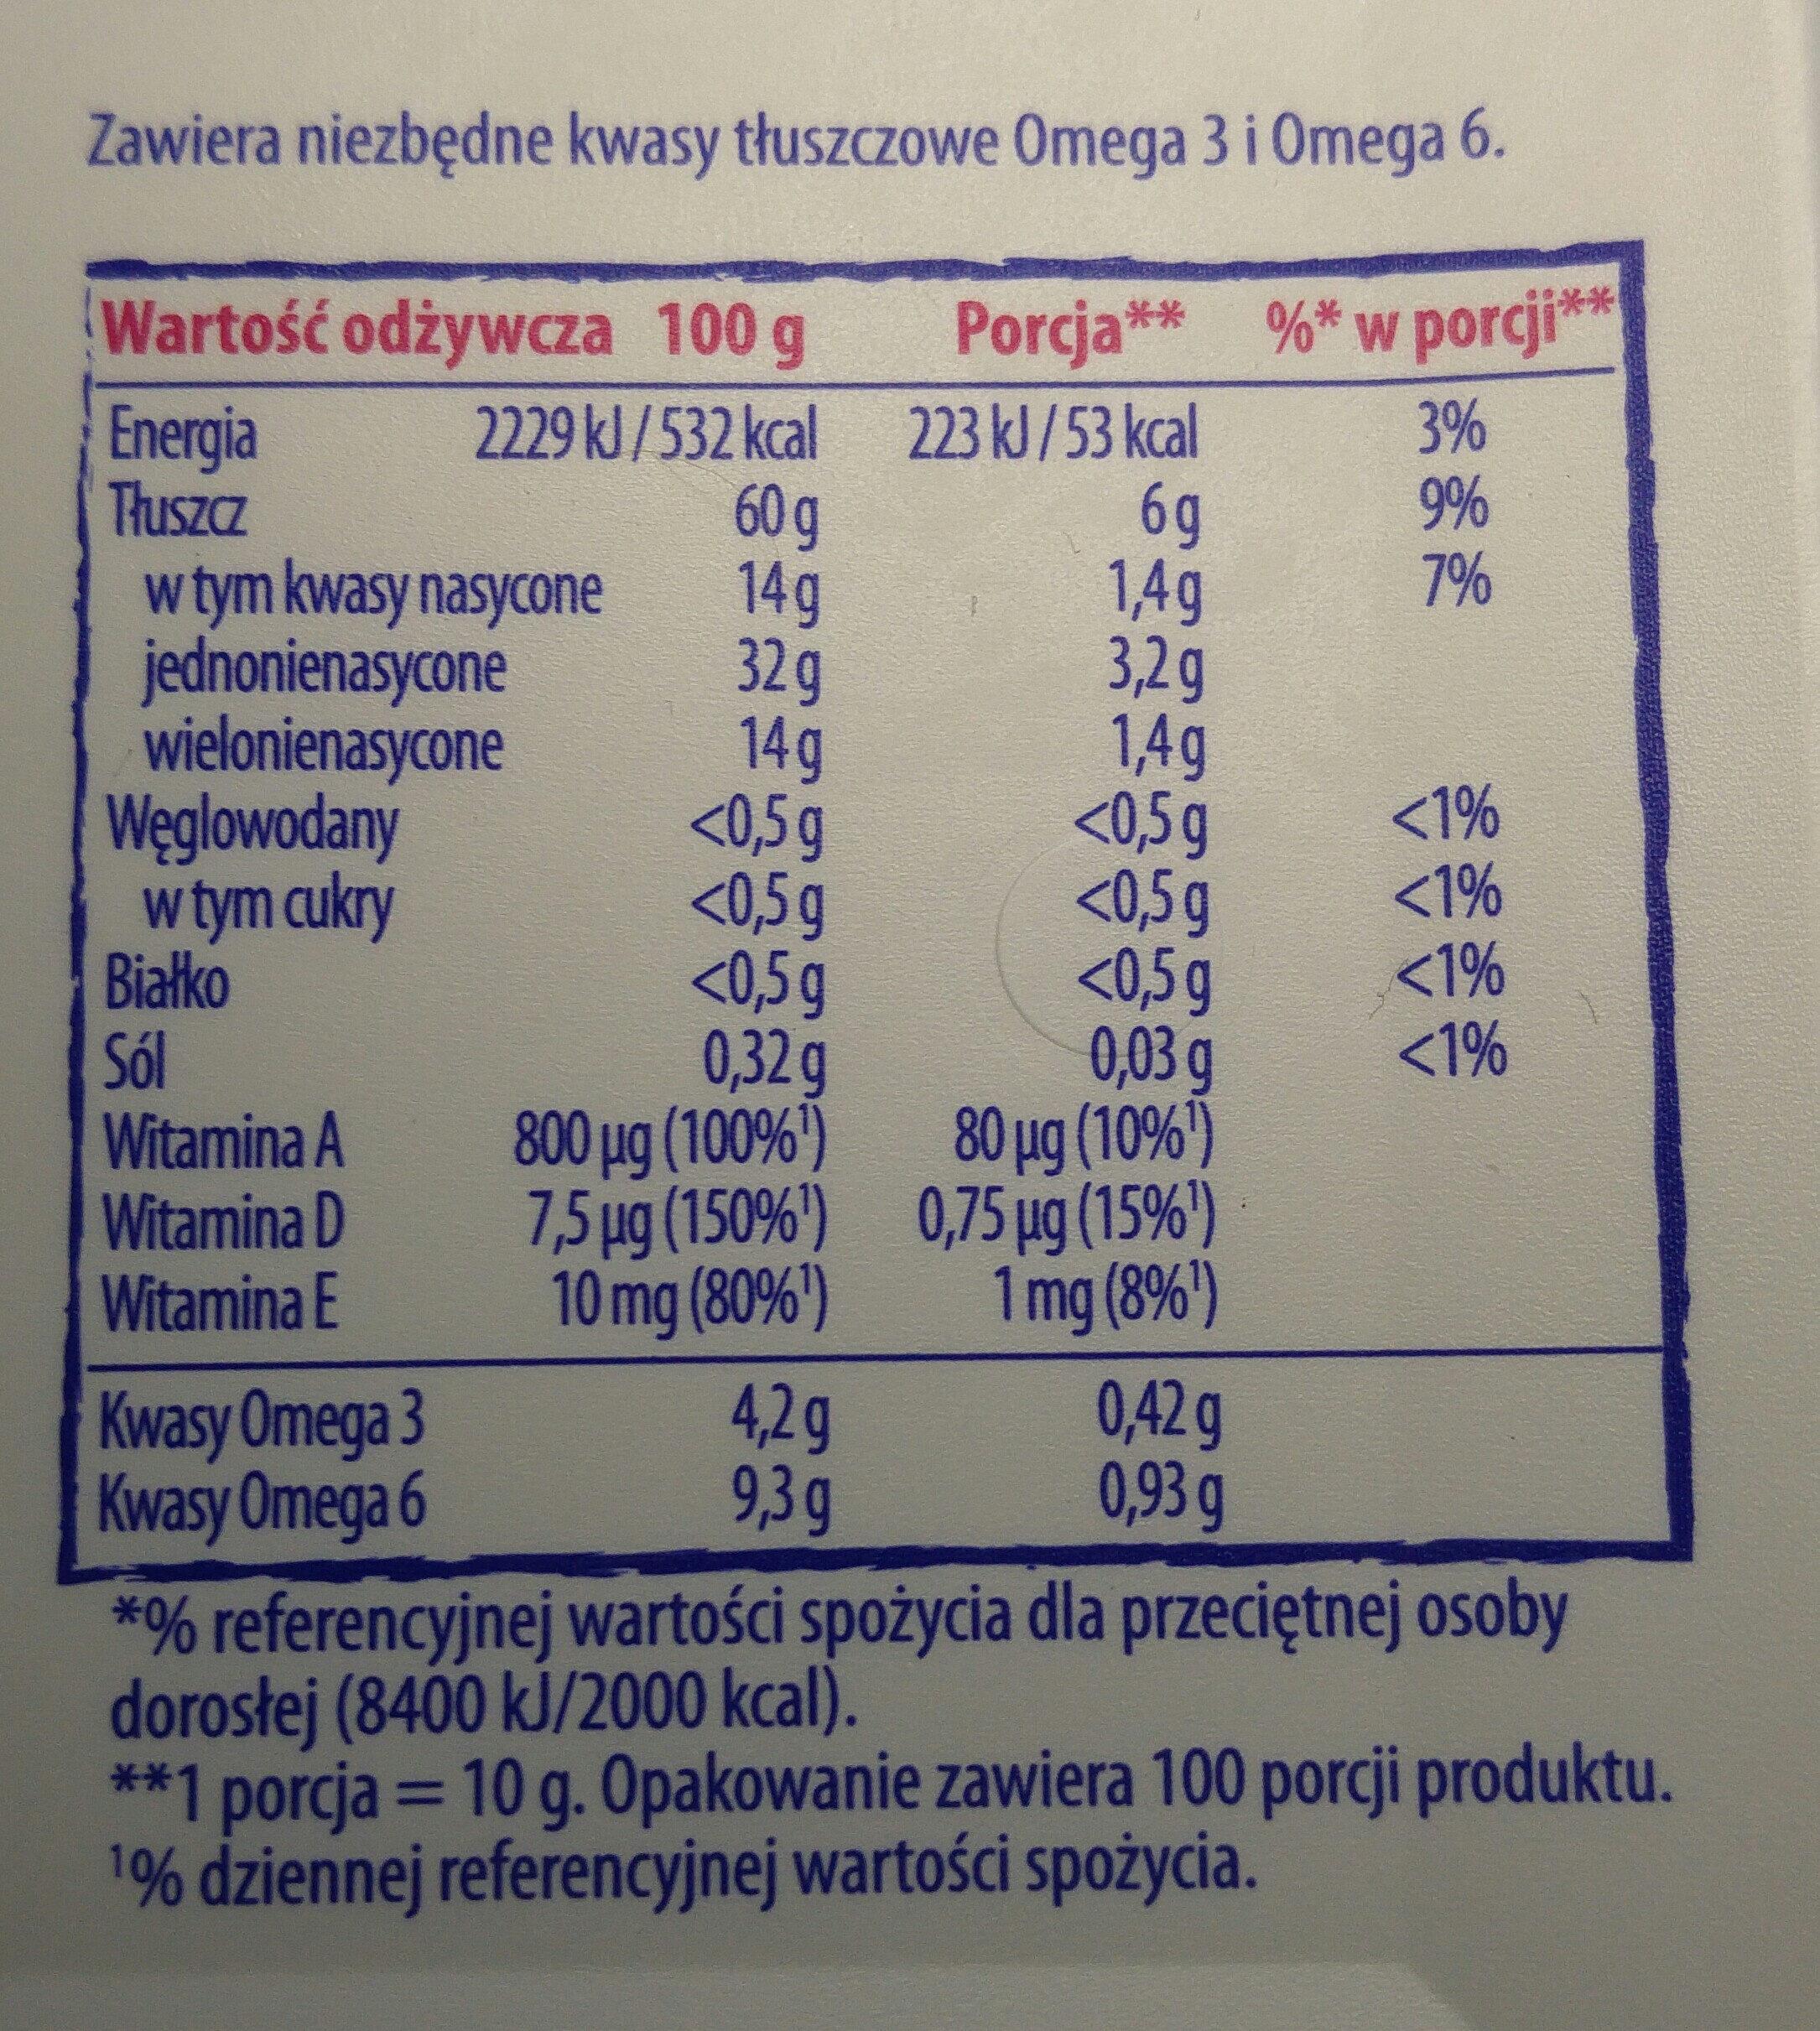 Margaryna 60 % tłuszczu. - Wartości odżywcze